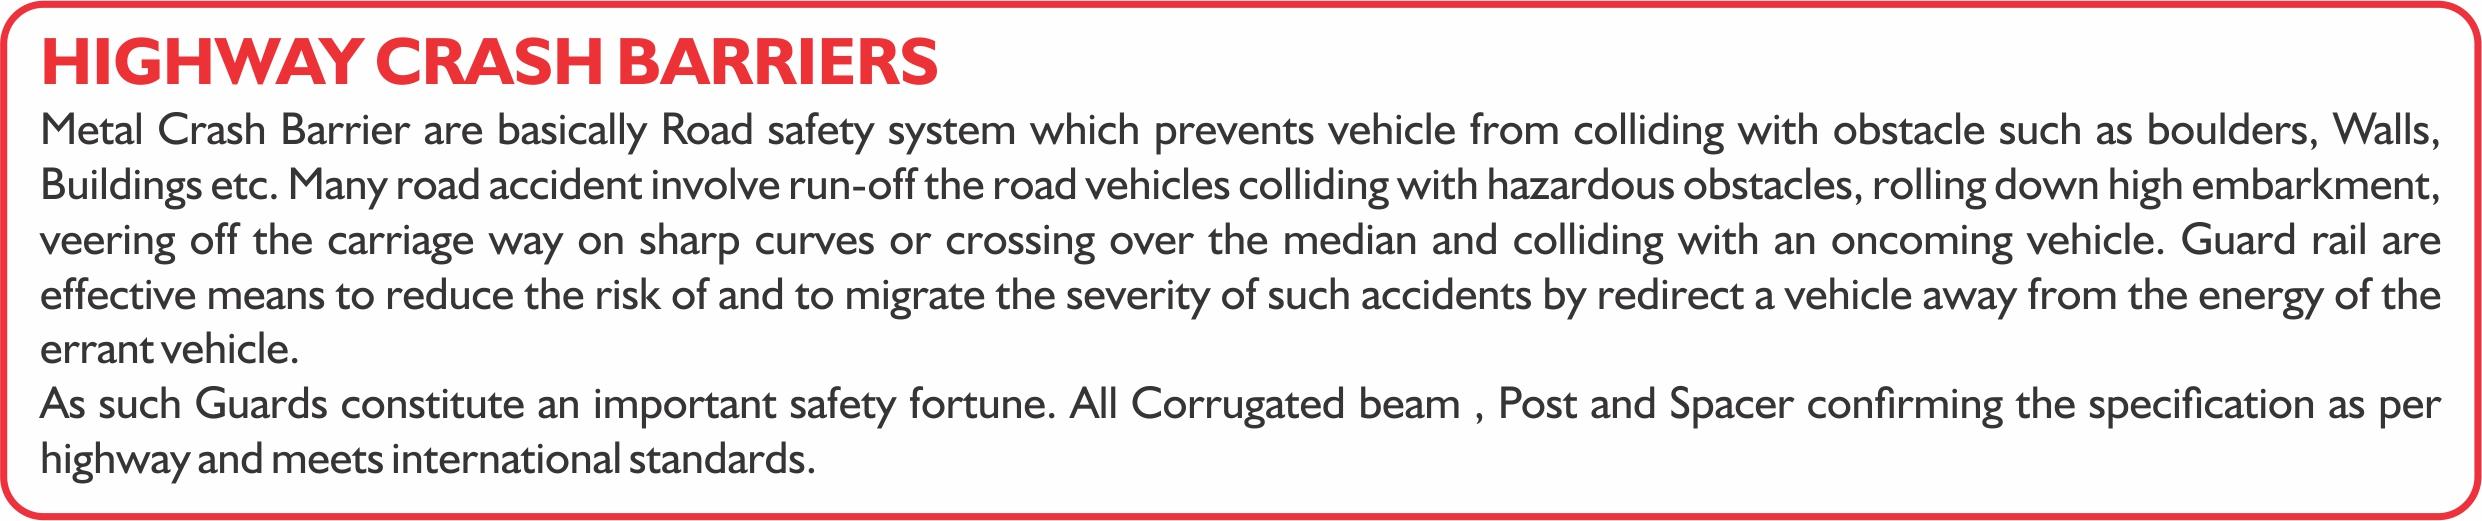 0 Highway Crash barriers